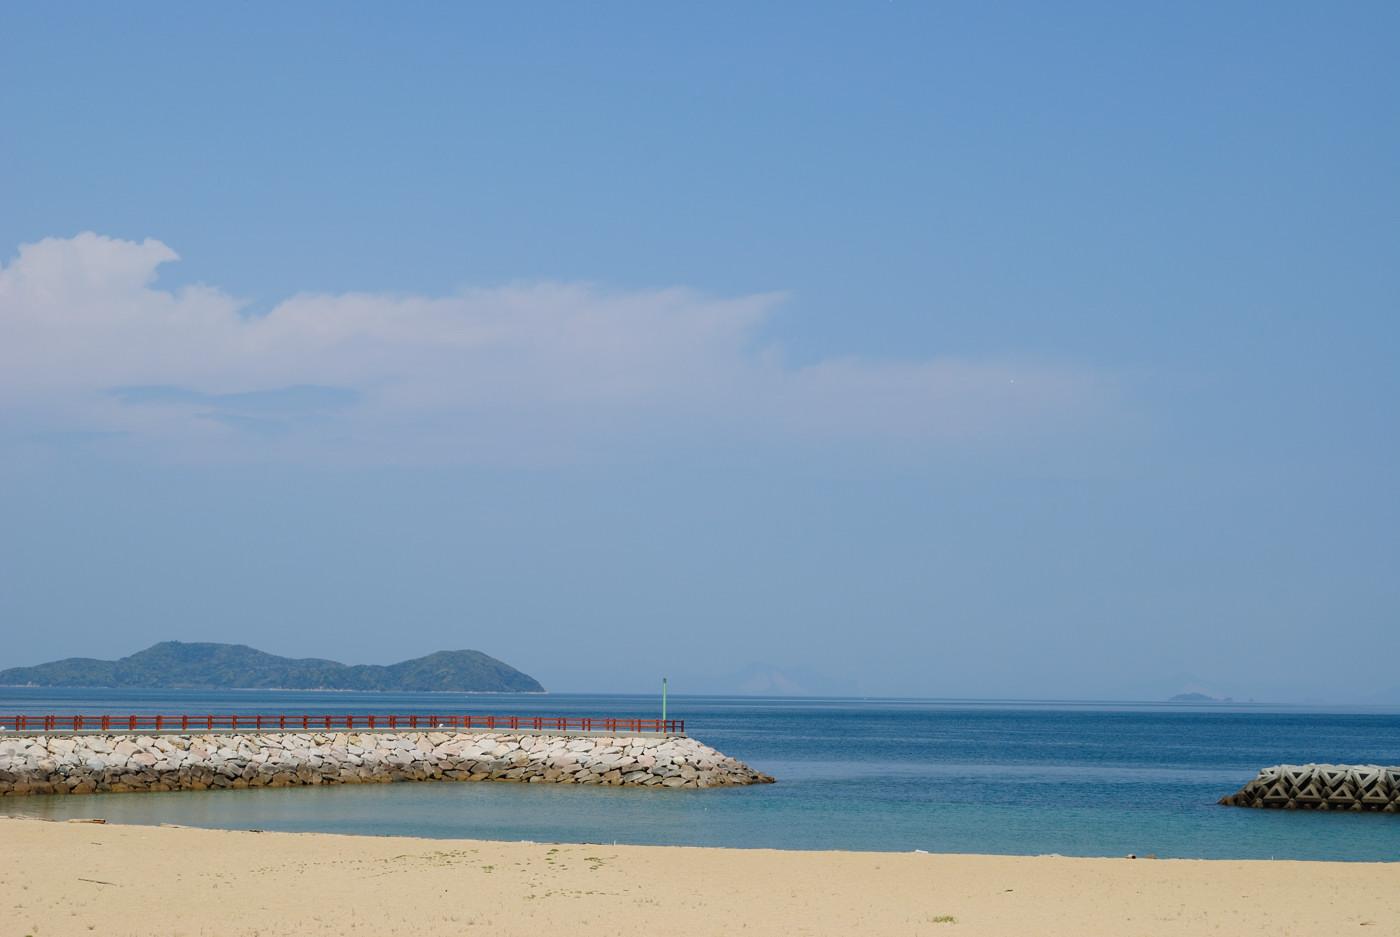 キレイな砂浜と海